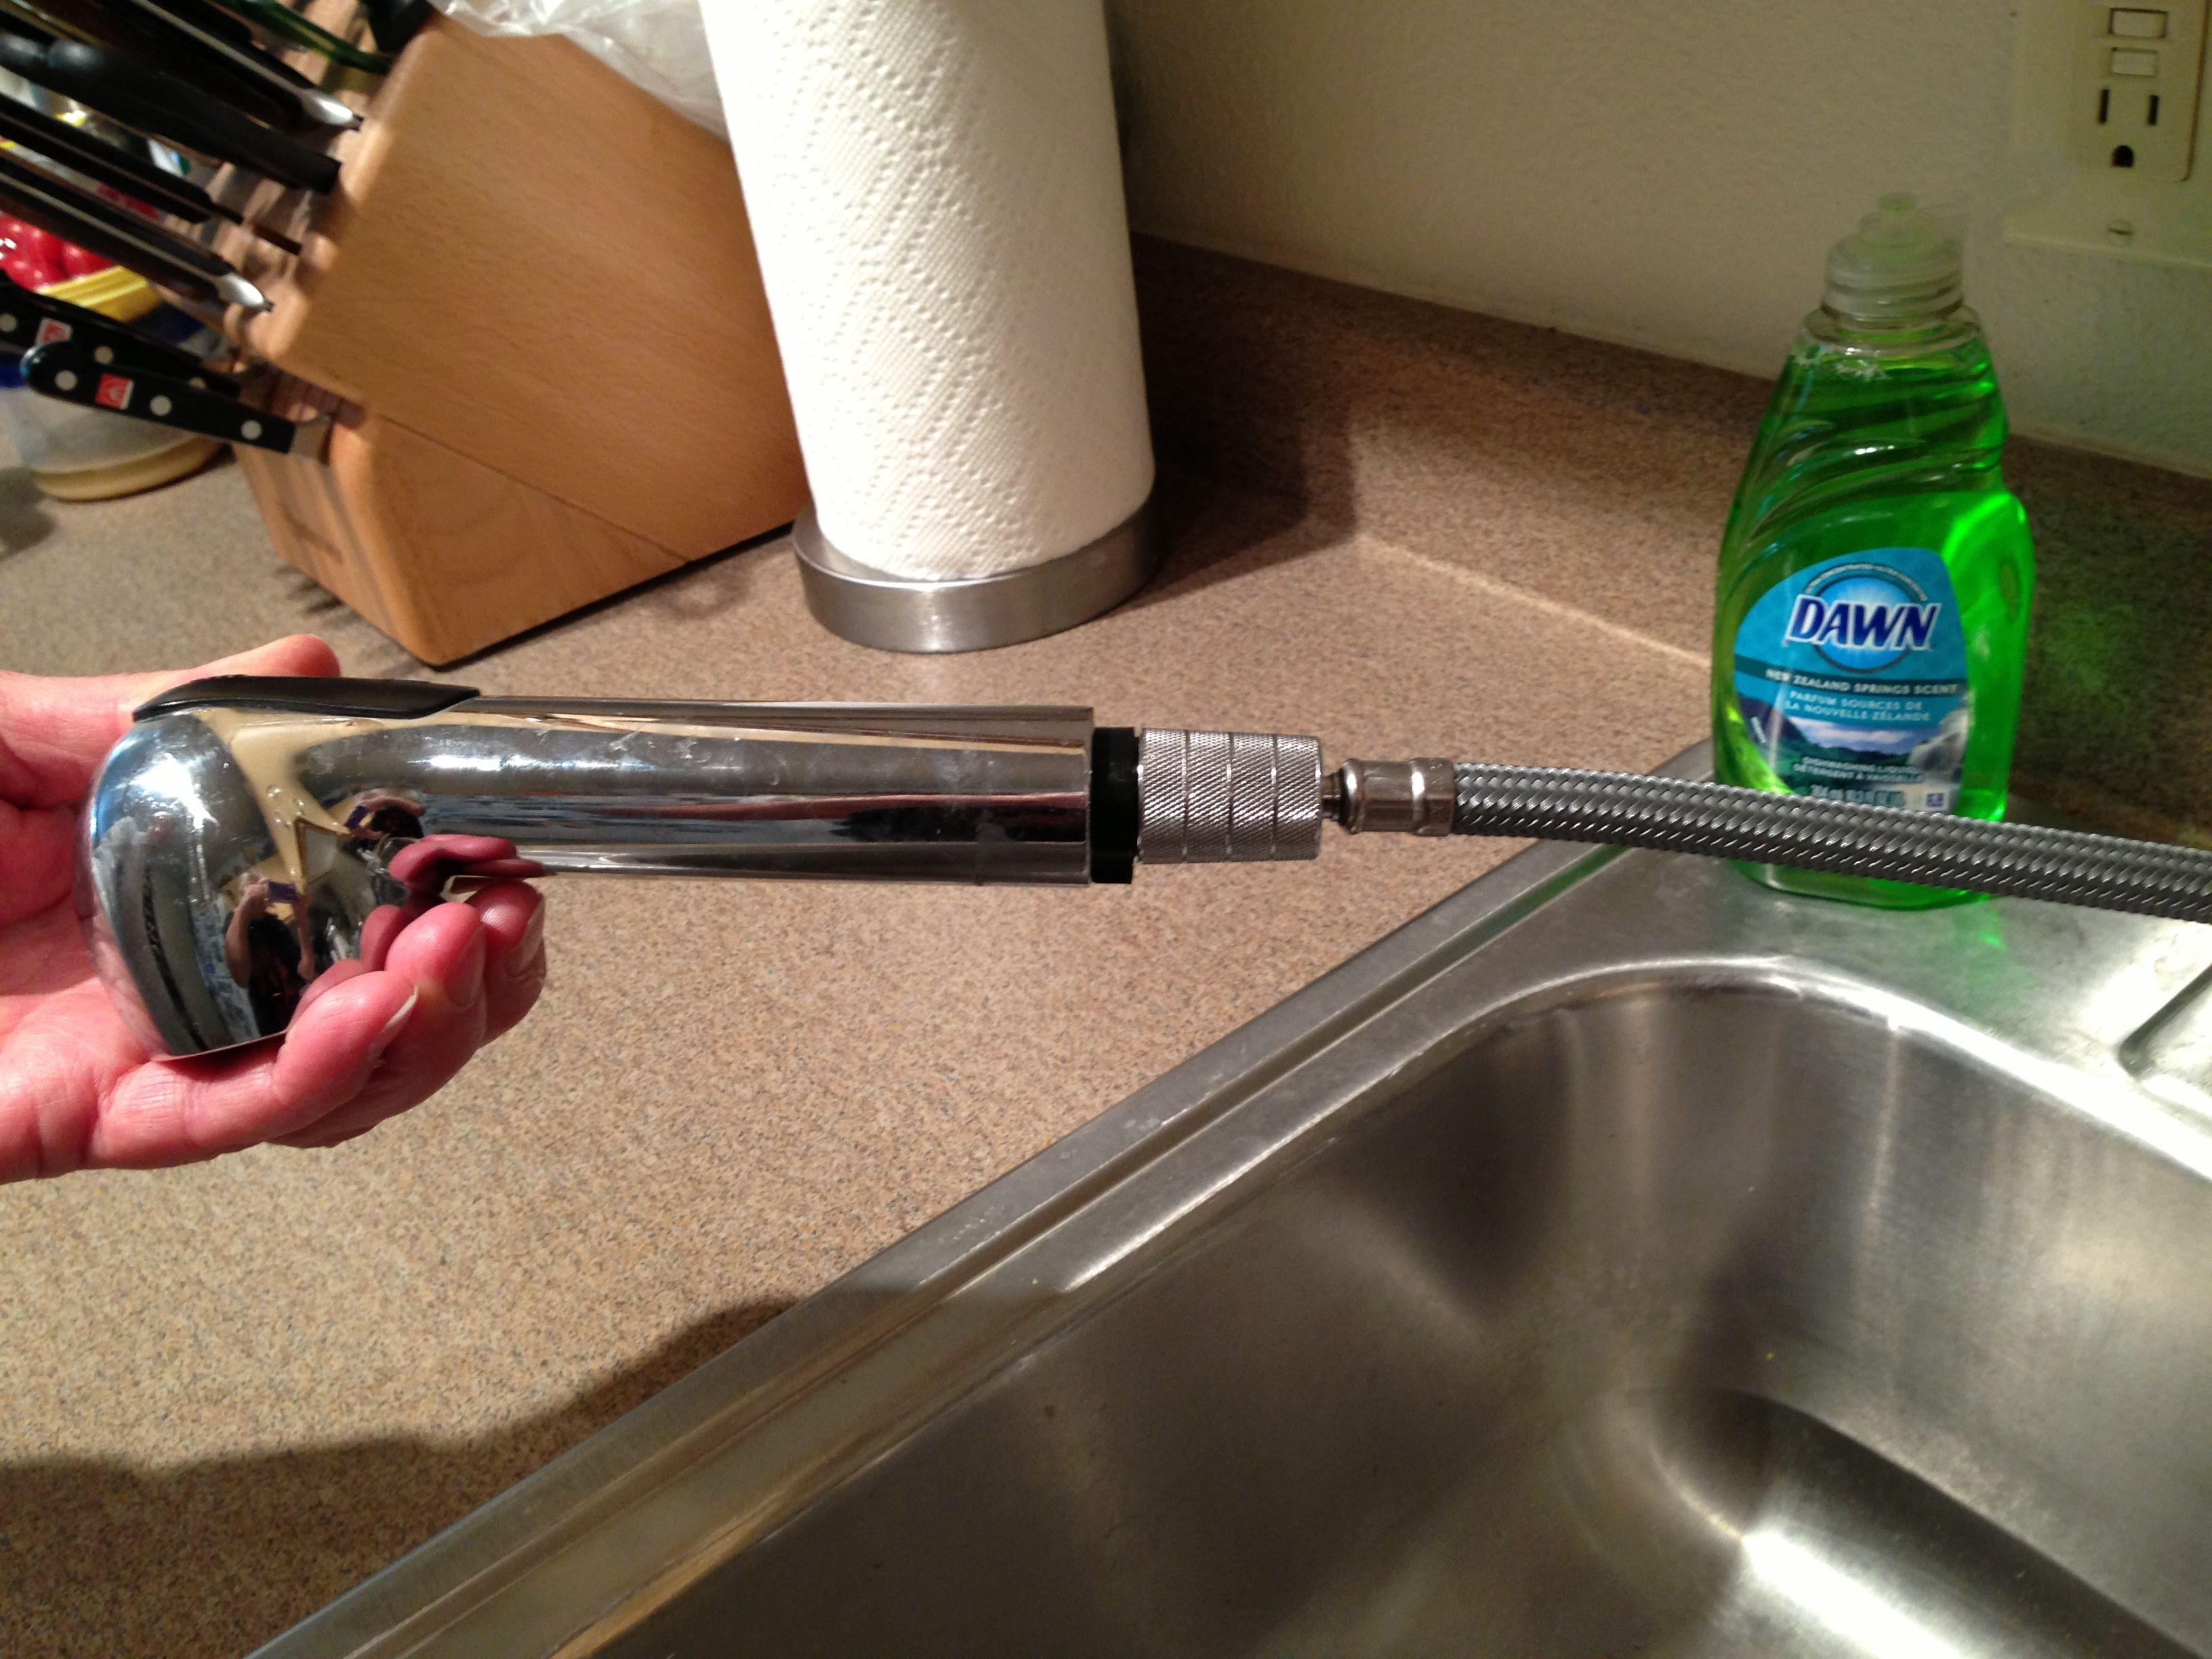 Ideas, faucet spray hose attachment faucet spray hose attachment spray hose attachment for kitchen sink best sink decoration 3264 x 2448  .